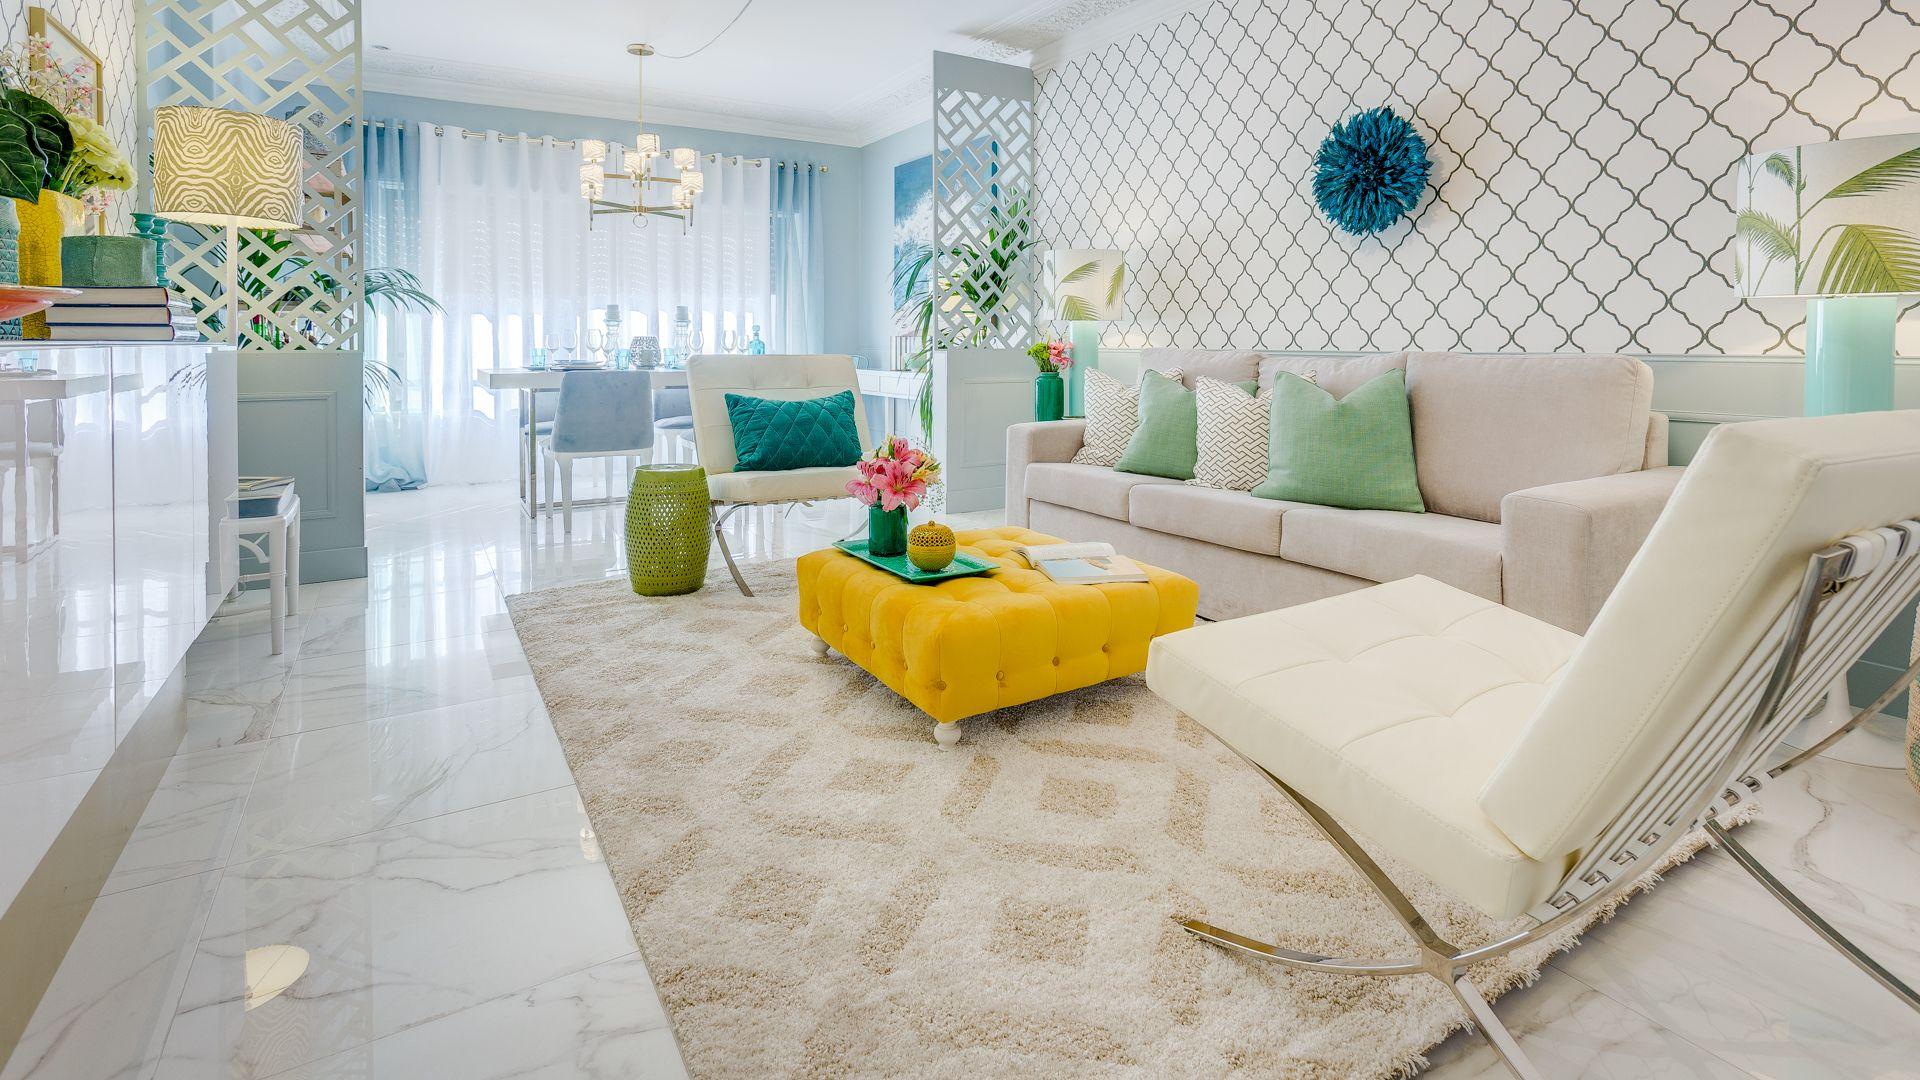 Ana antunes sala de estar living room spring colors for Wallpaper sala de estar